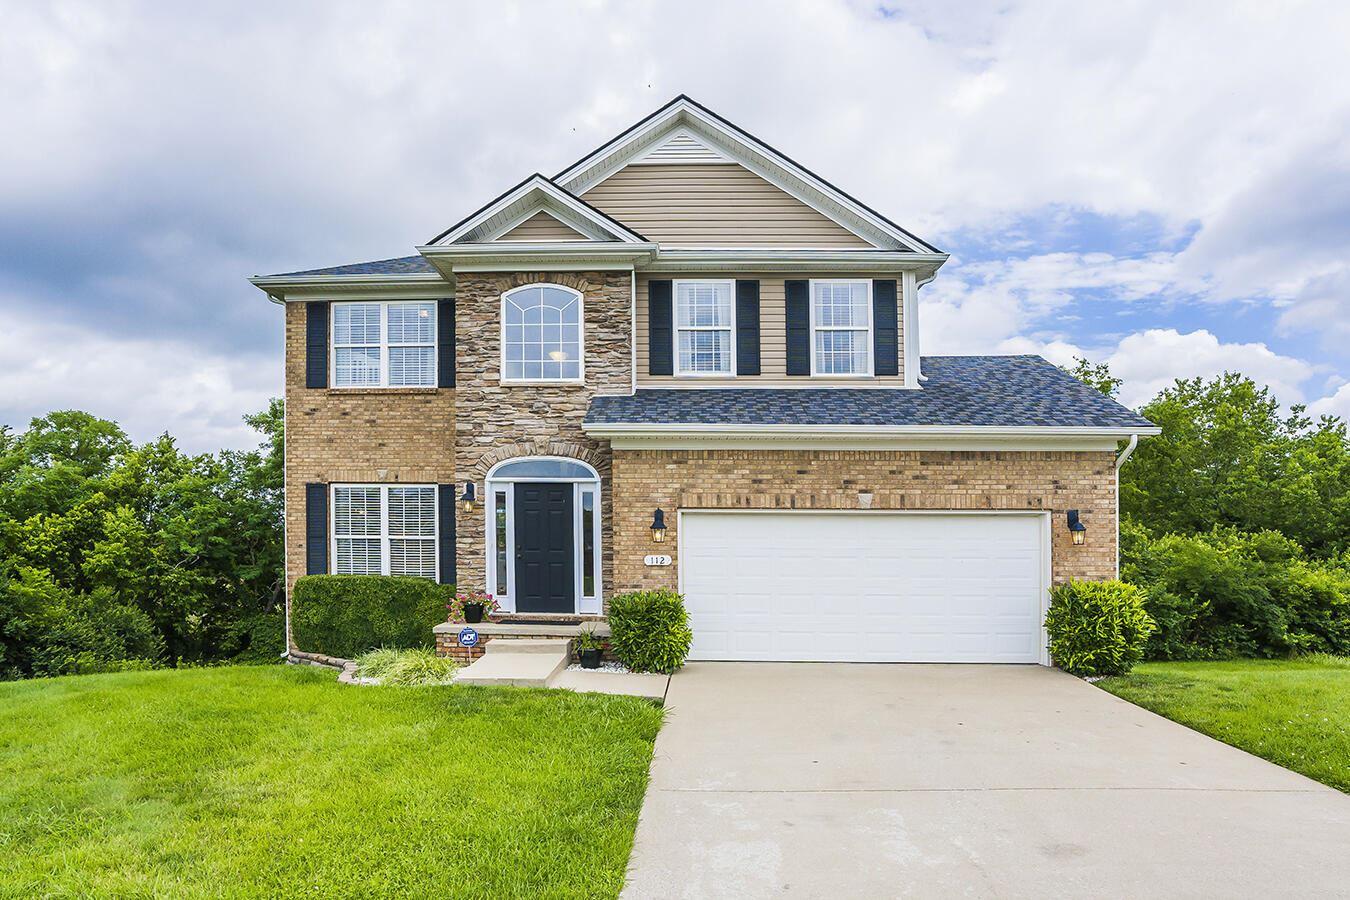 112 Shermans, Richmond, KY 40475 - MLS#: 20113583